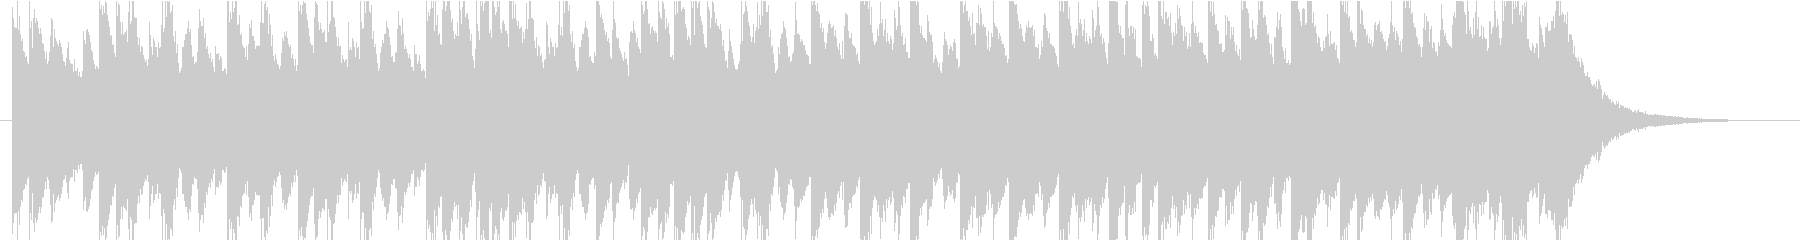 雨/梅雨をイメージしたピアノBGMの未再生の波形